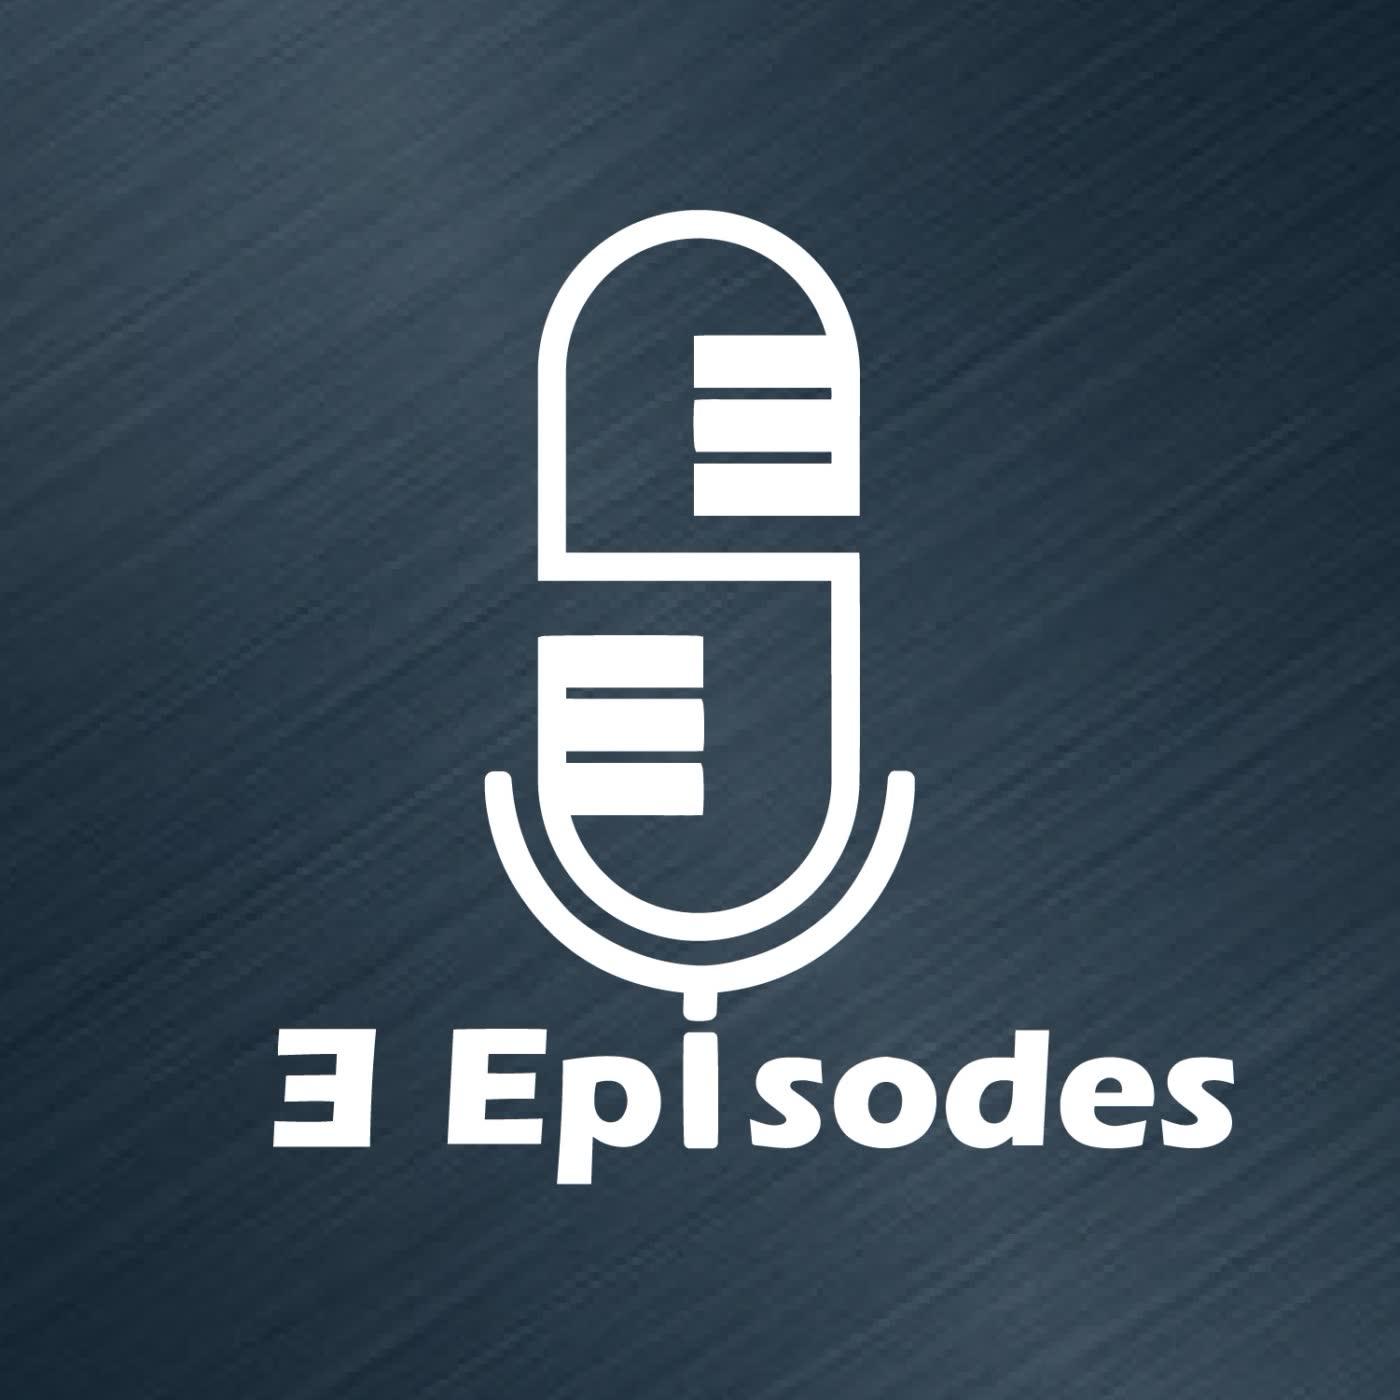 3 Episodes x 三部曲